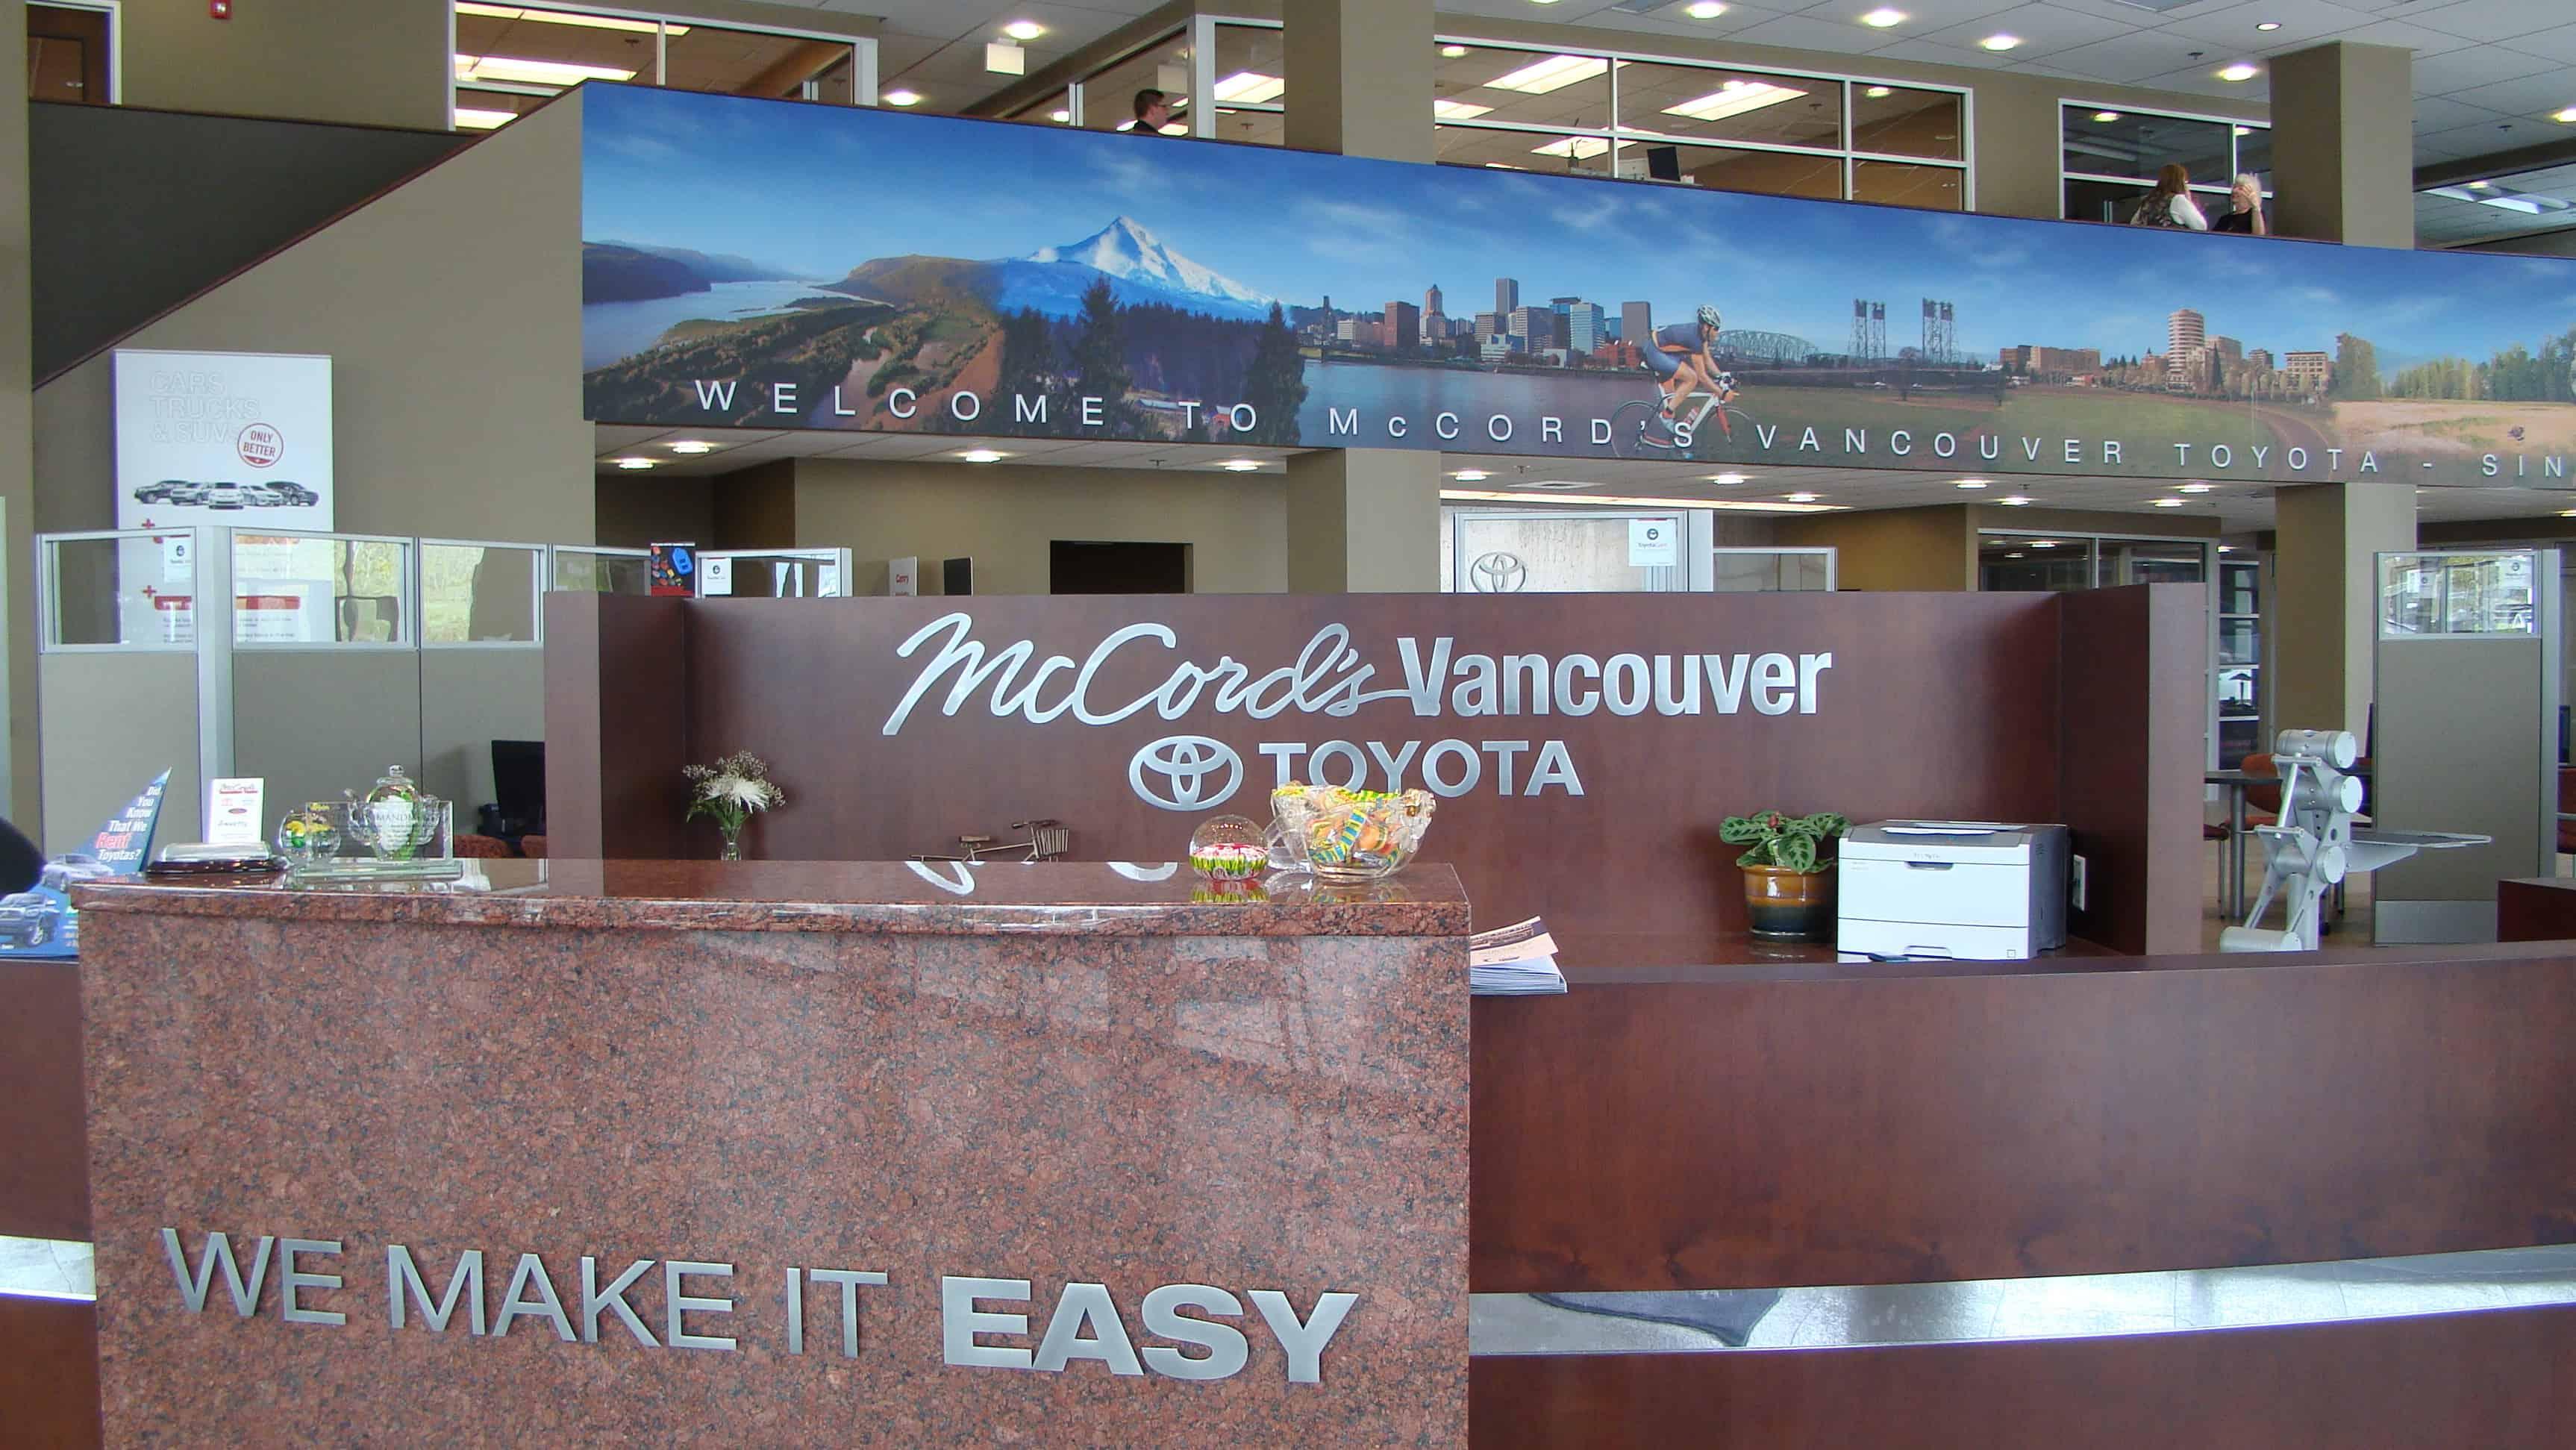 McCord Toyota Reclaimed Custom Lobby Sign